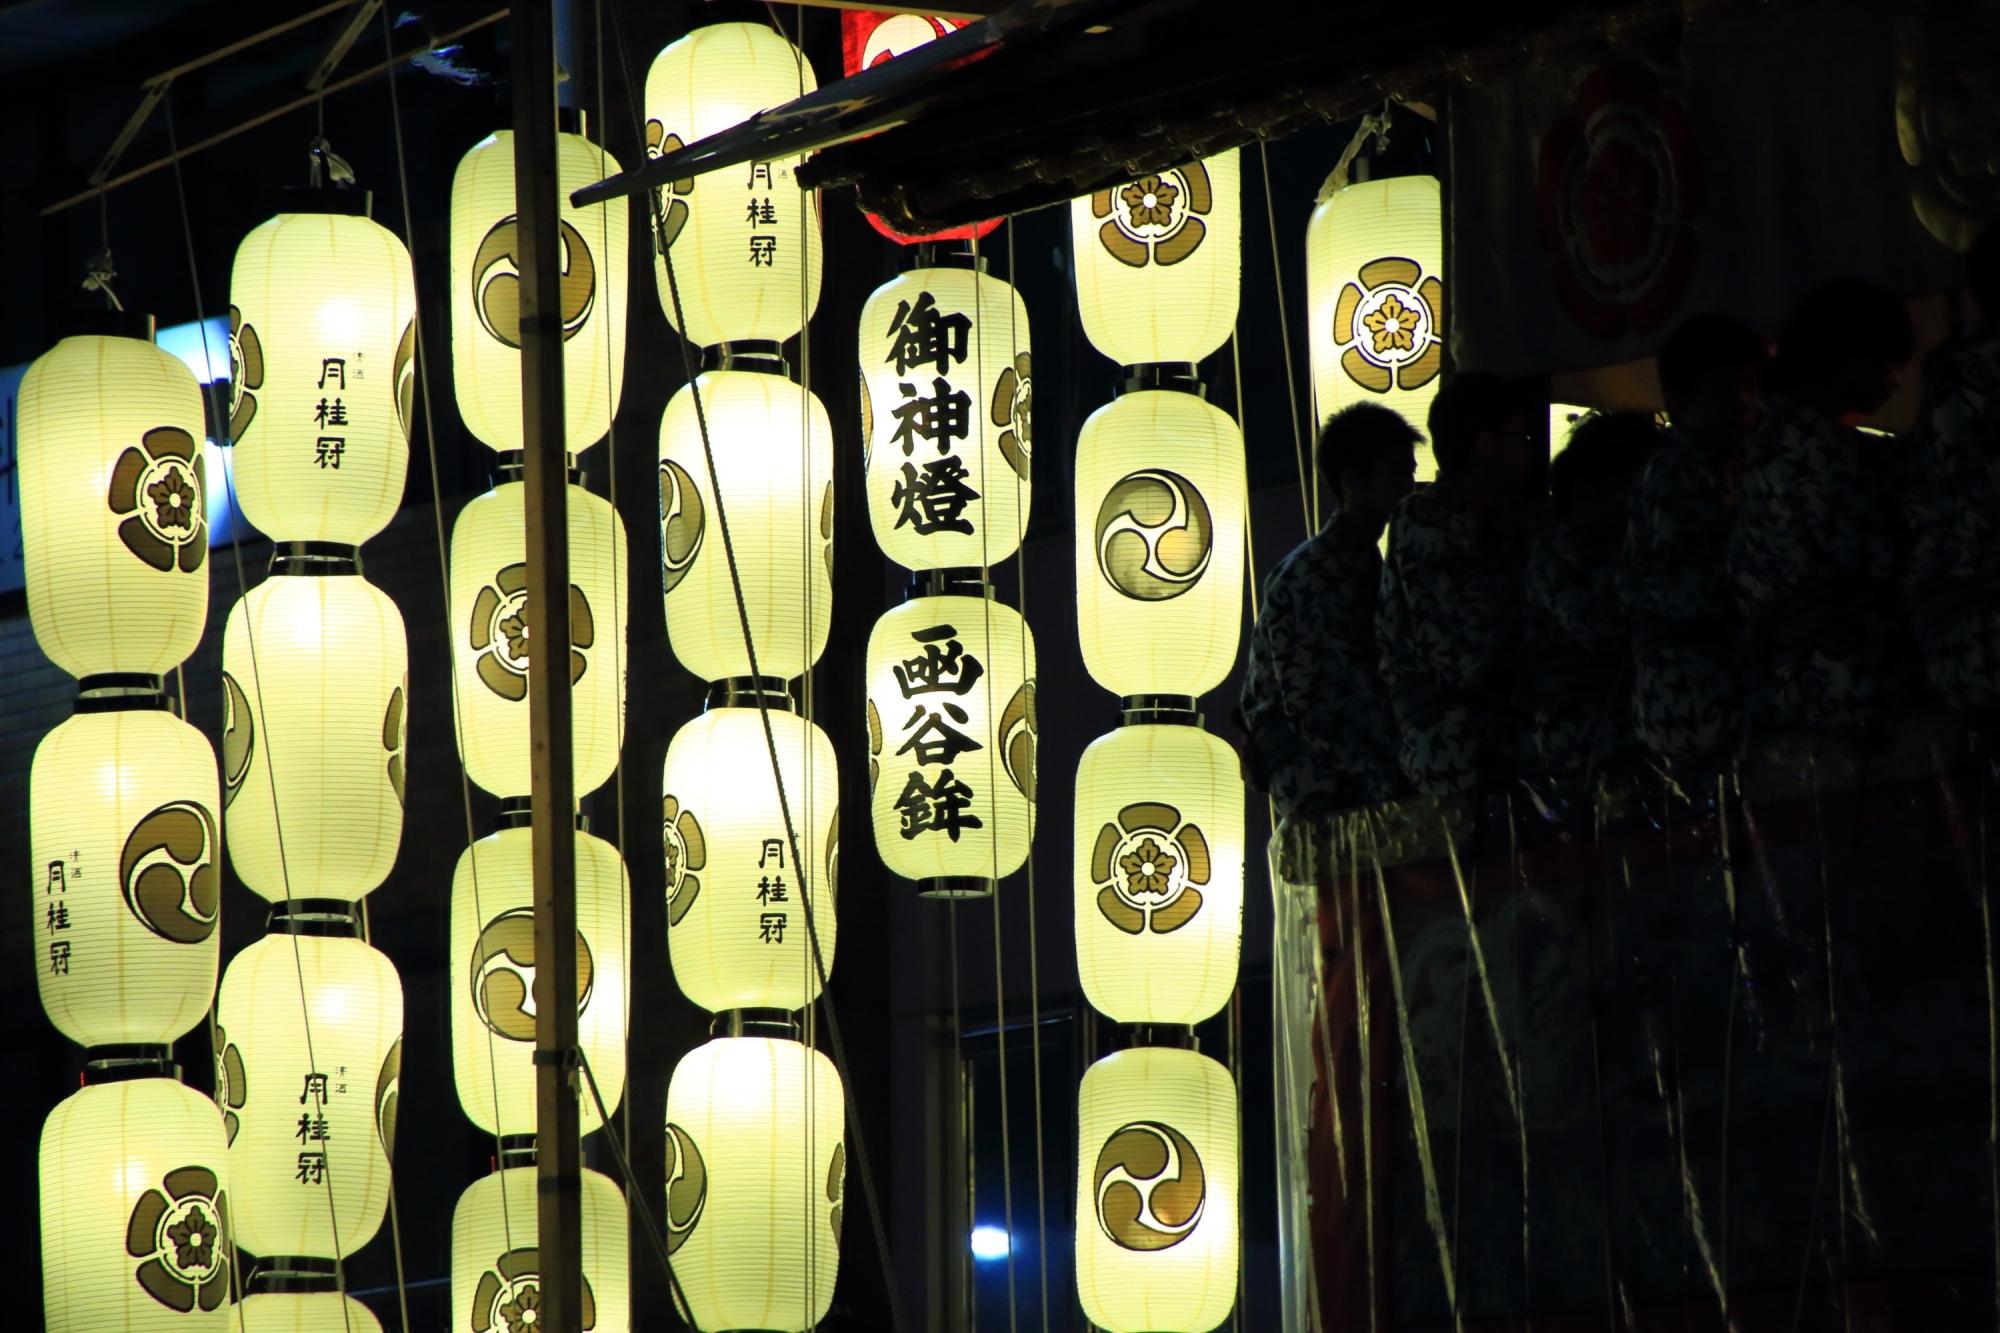 祇園祭の宵山の函谷鉾の駒形提灯